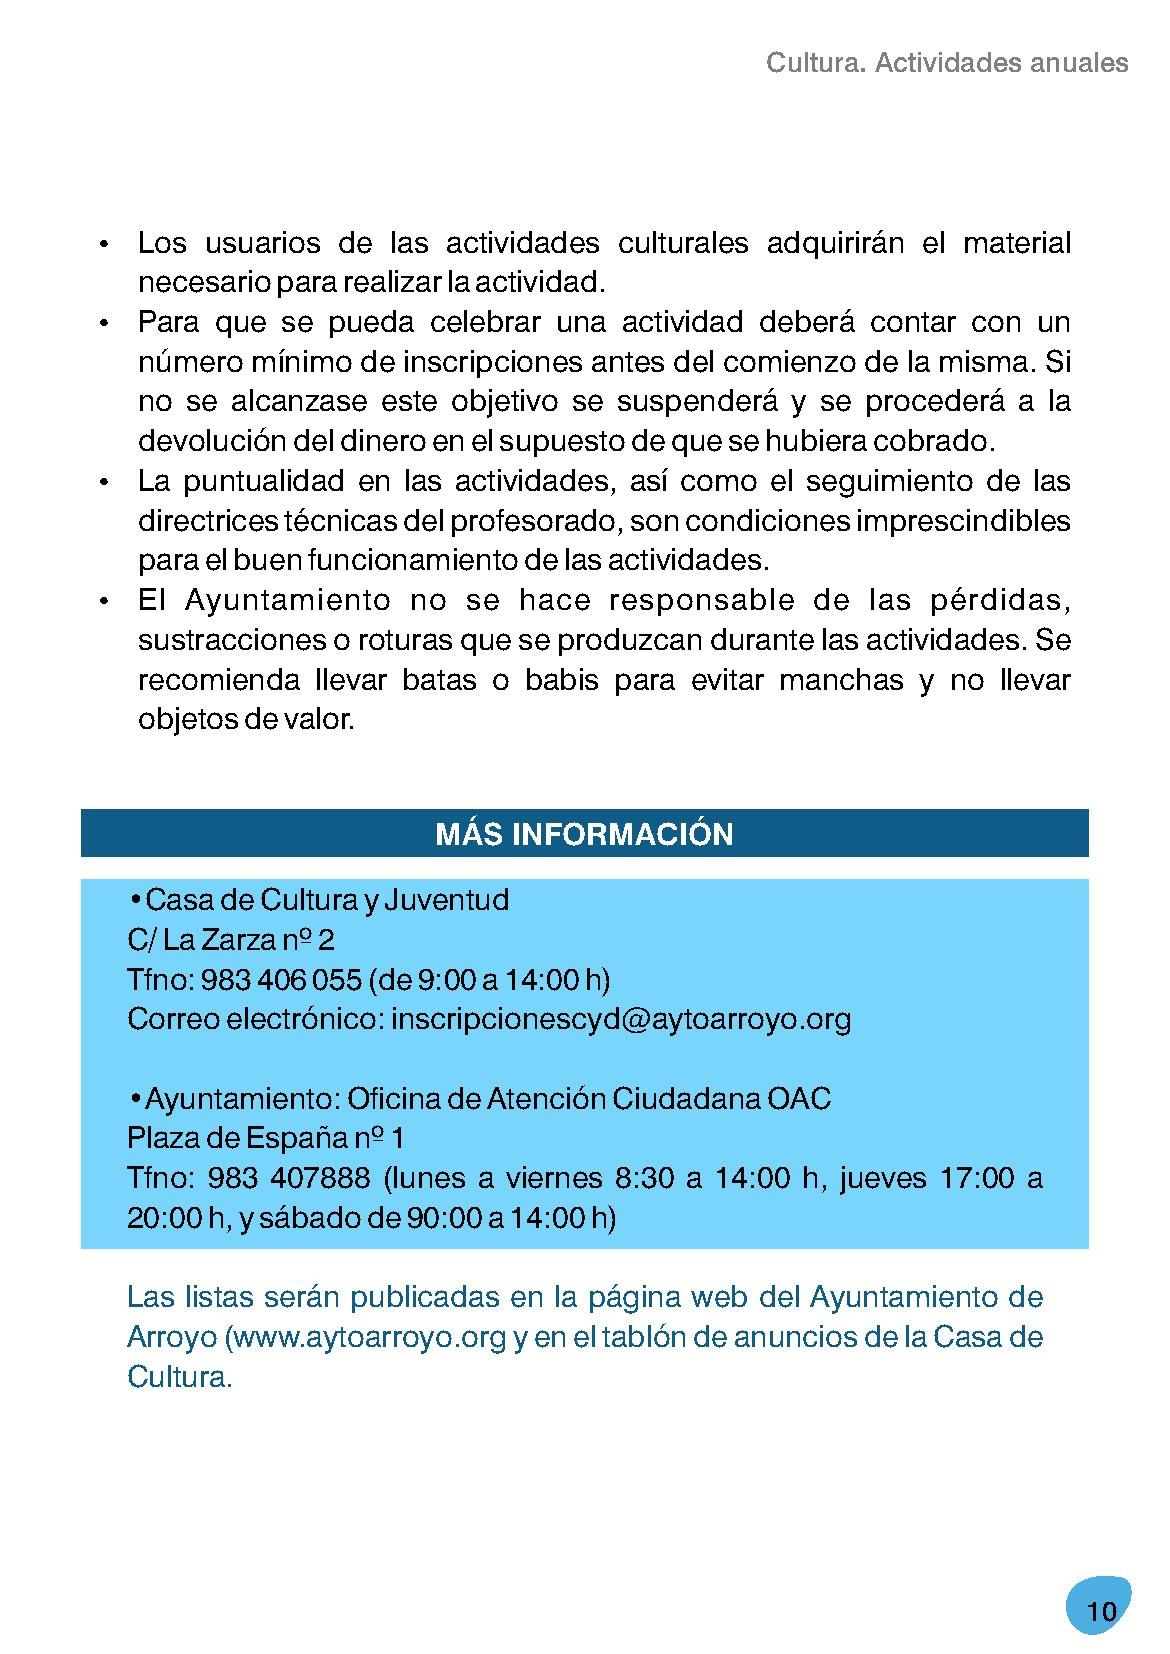 Calendario 2019 Con Feriados Y Bancarios Más Recientes Actividades Culturales Y Deportivas 2017 2018